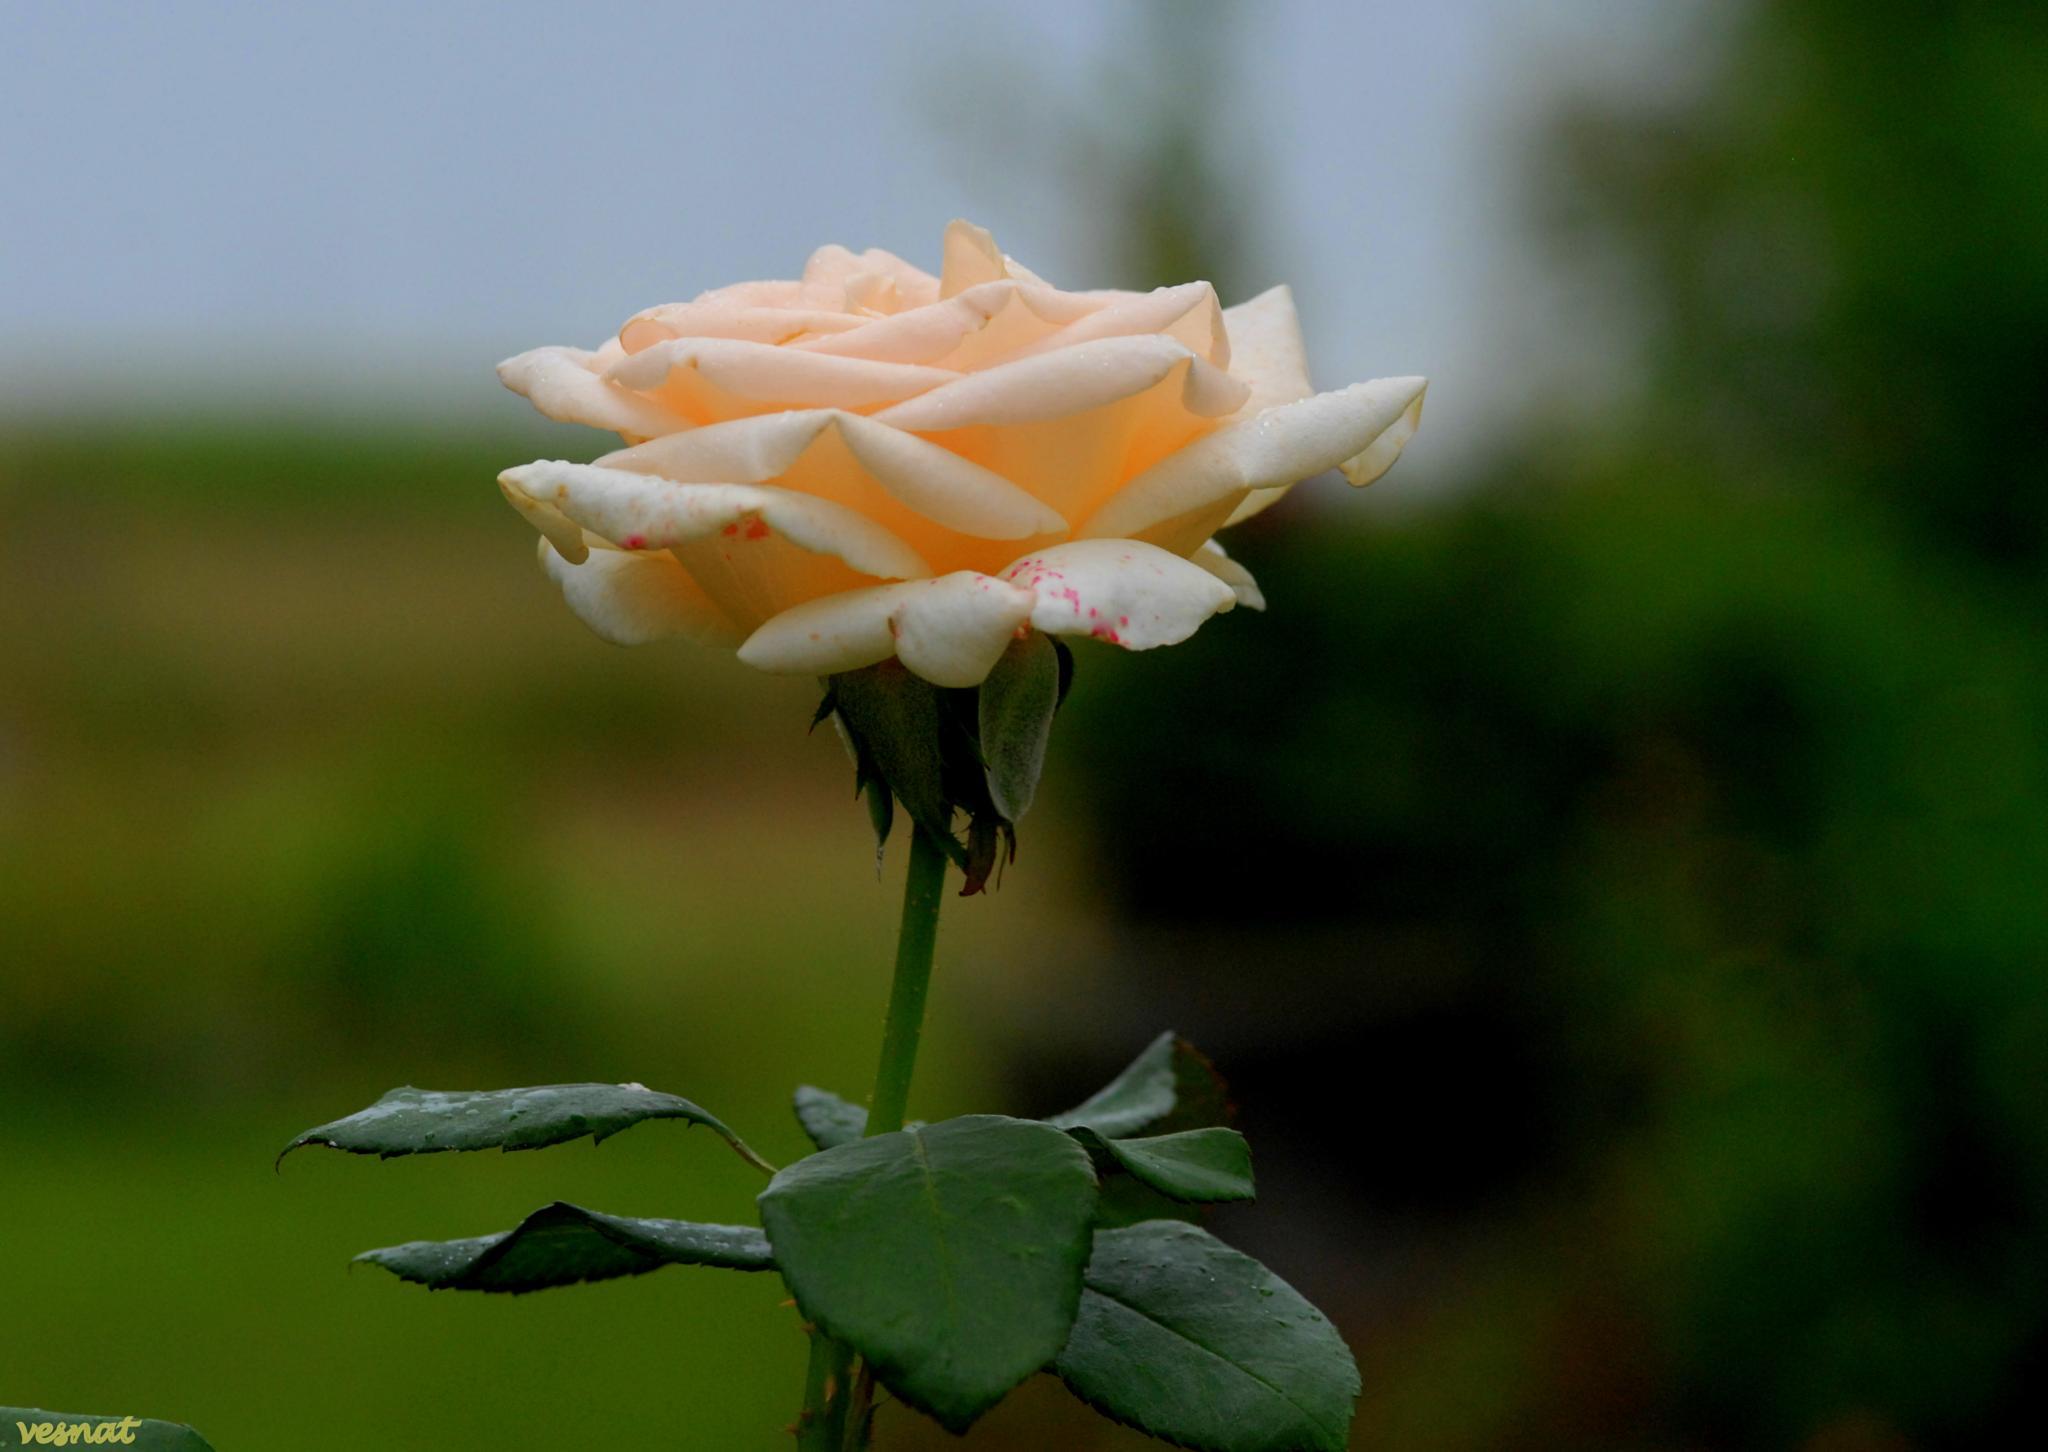 rose queen by vesna.tafra